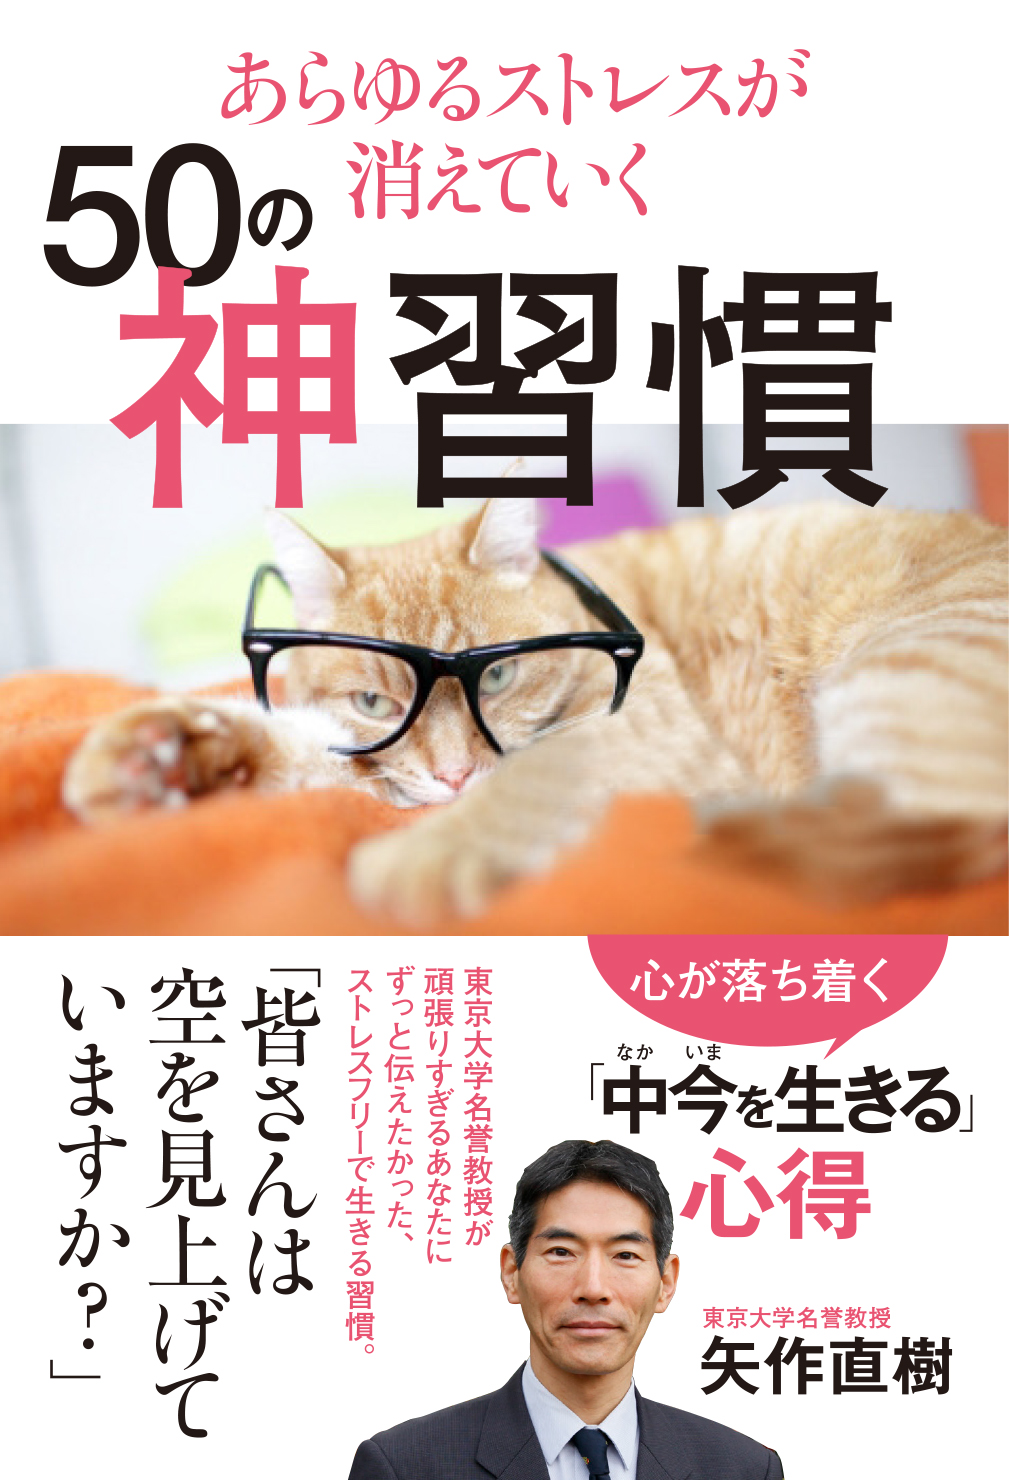 091-H1-kamishukan.jpg